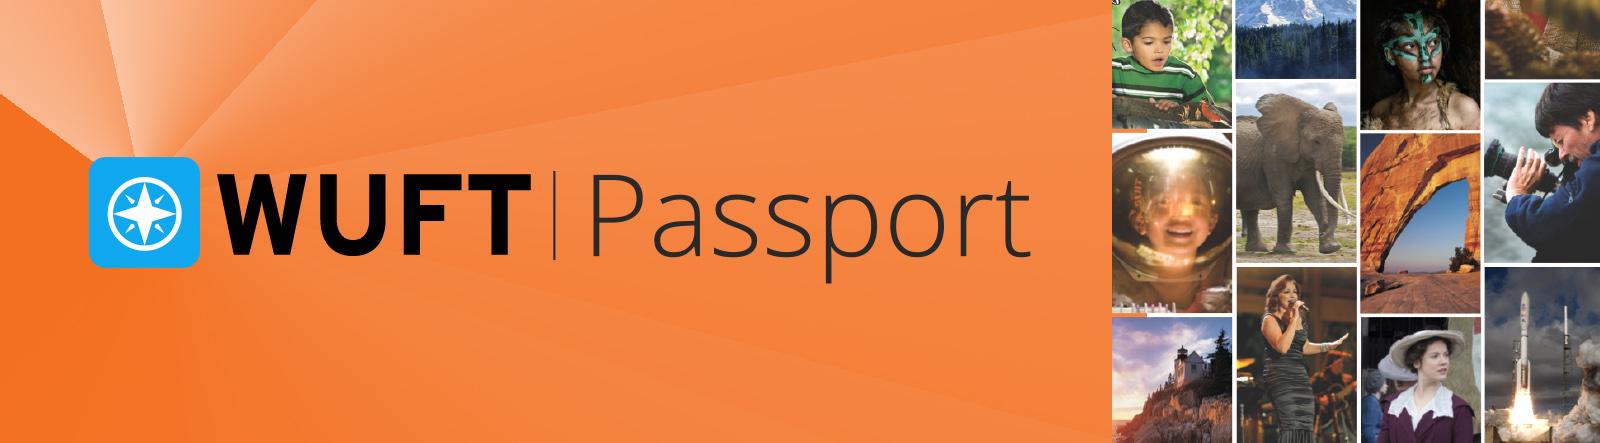 WUFT Passport Banner